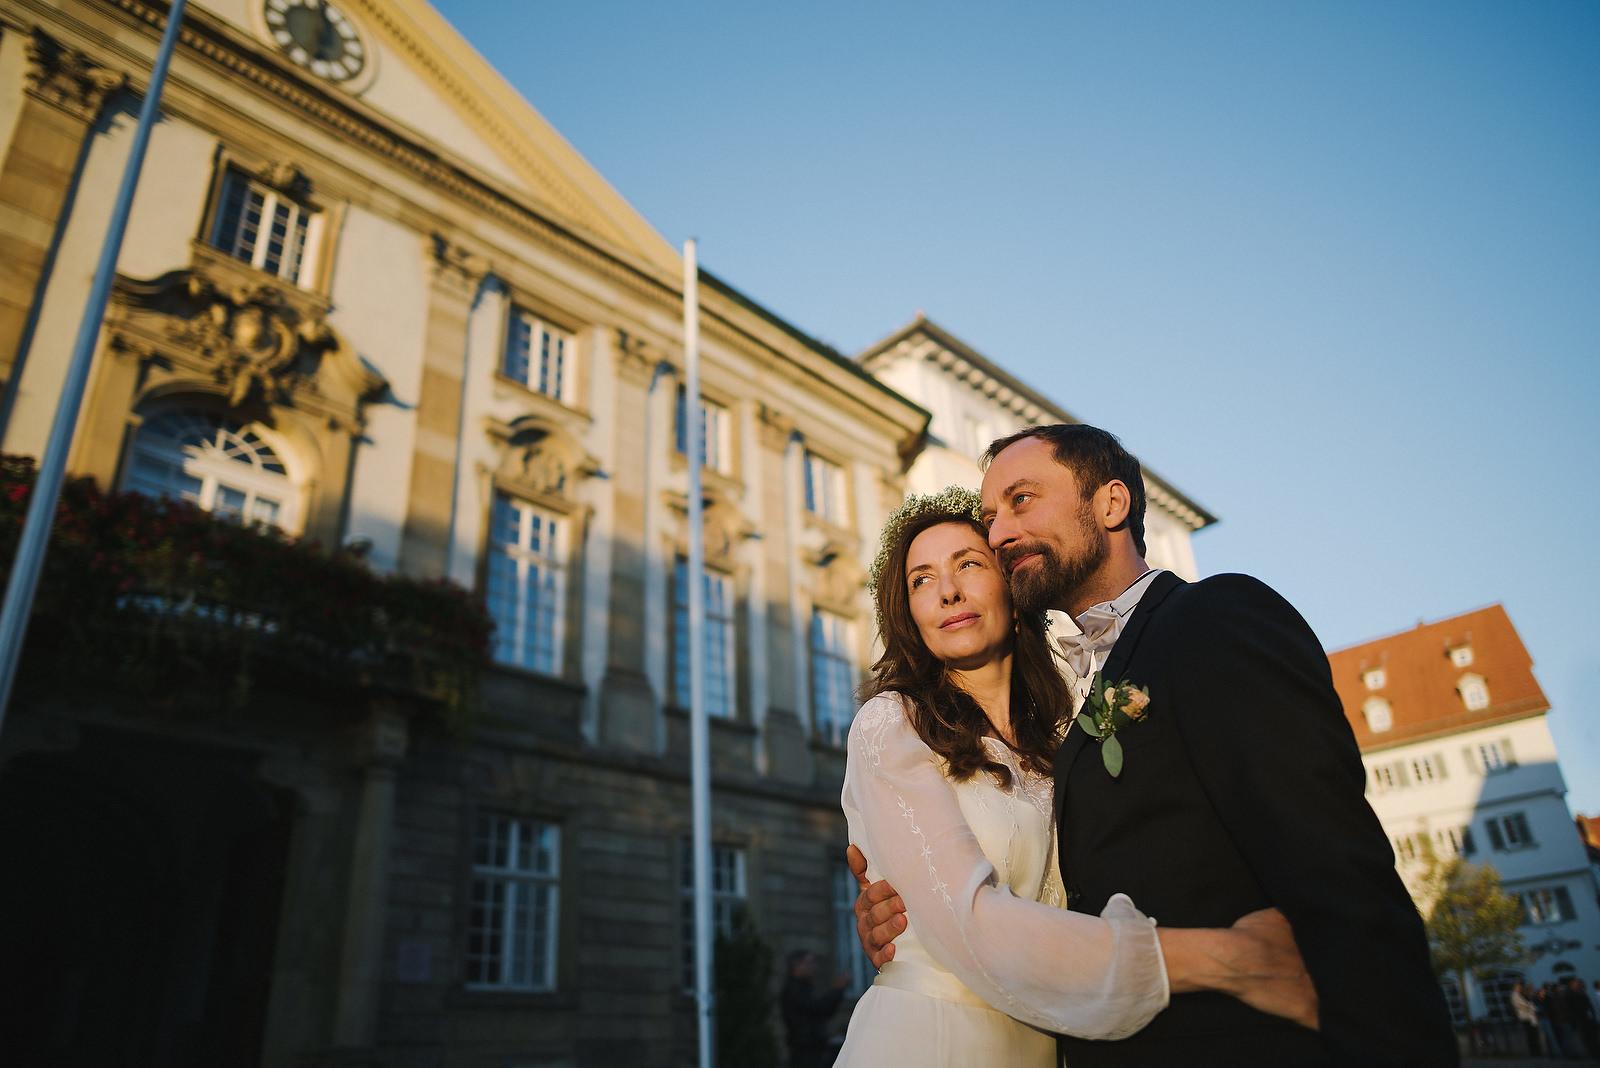 Fotograf Konstanz - Hochzeitsfotograf Stuttgart Esslingen Hochzeit 59 - Wedding with moorish ambience in the Wilhelma in Stuttgart  - 59 -